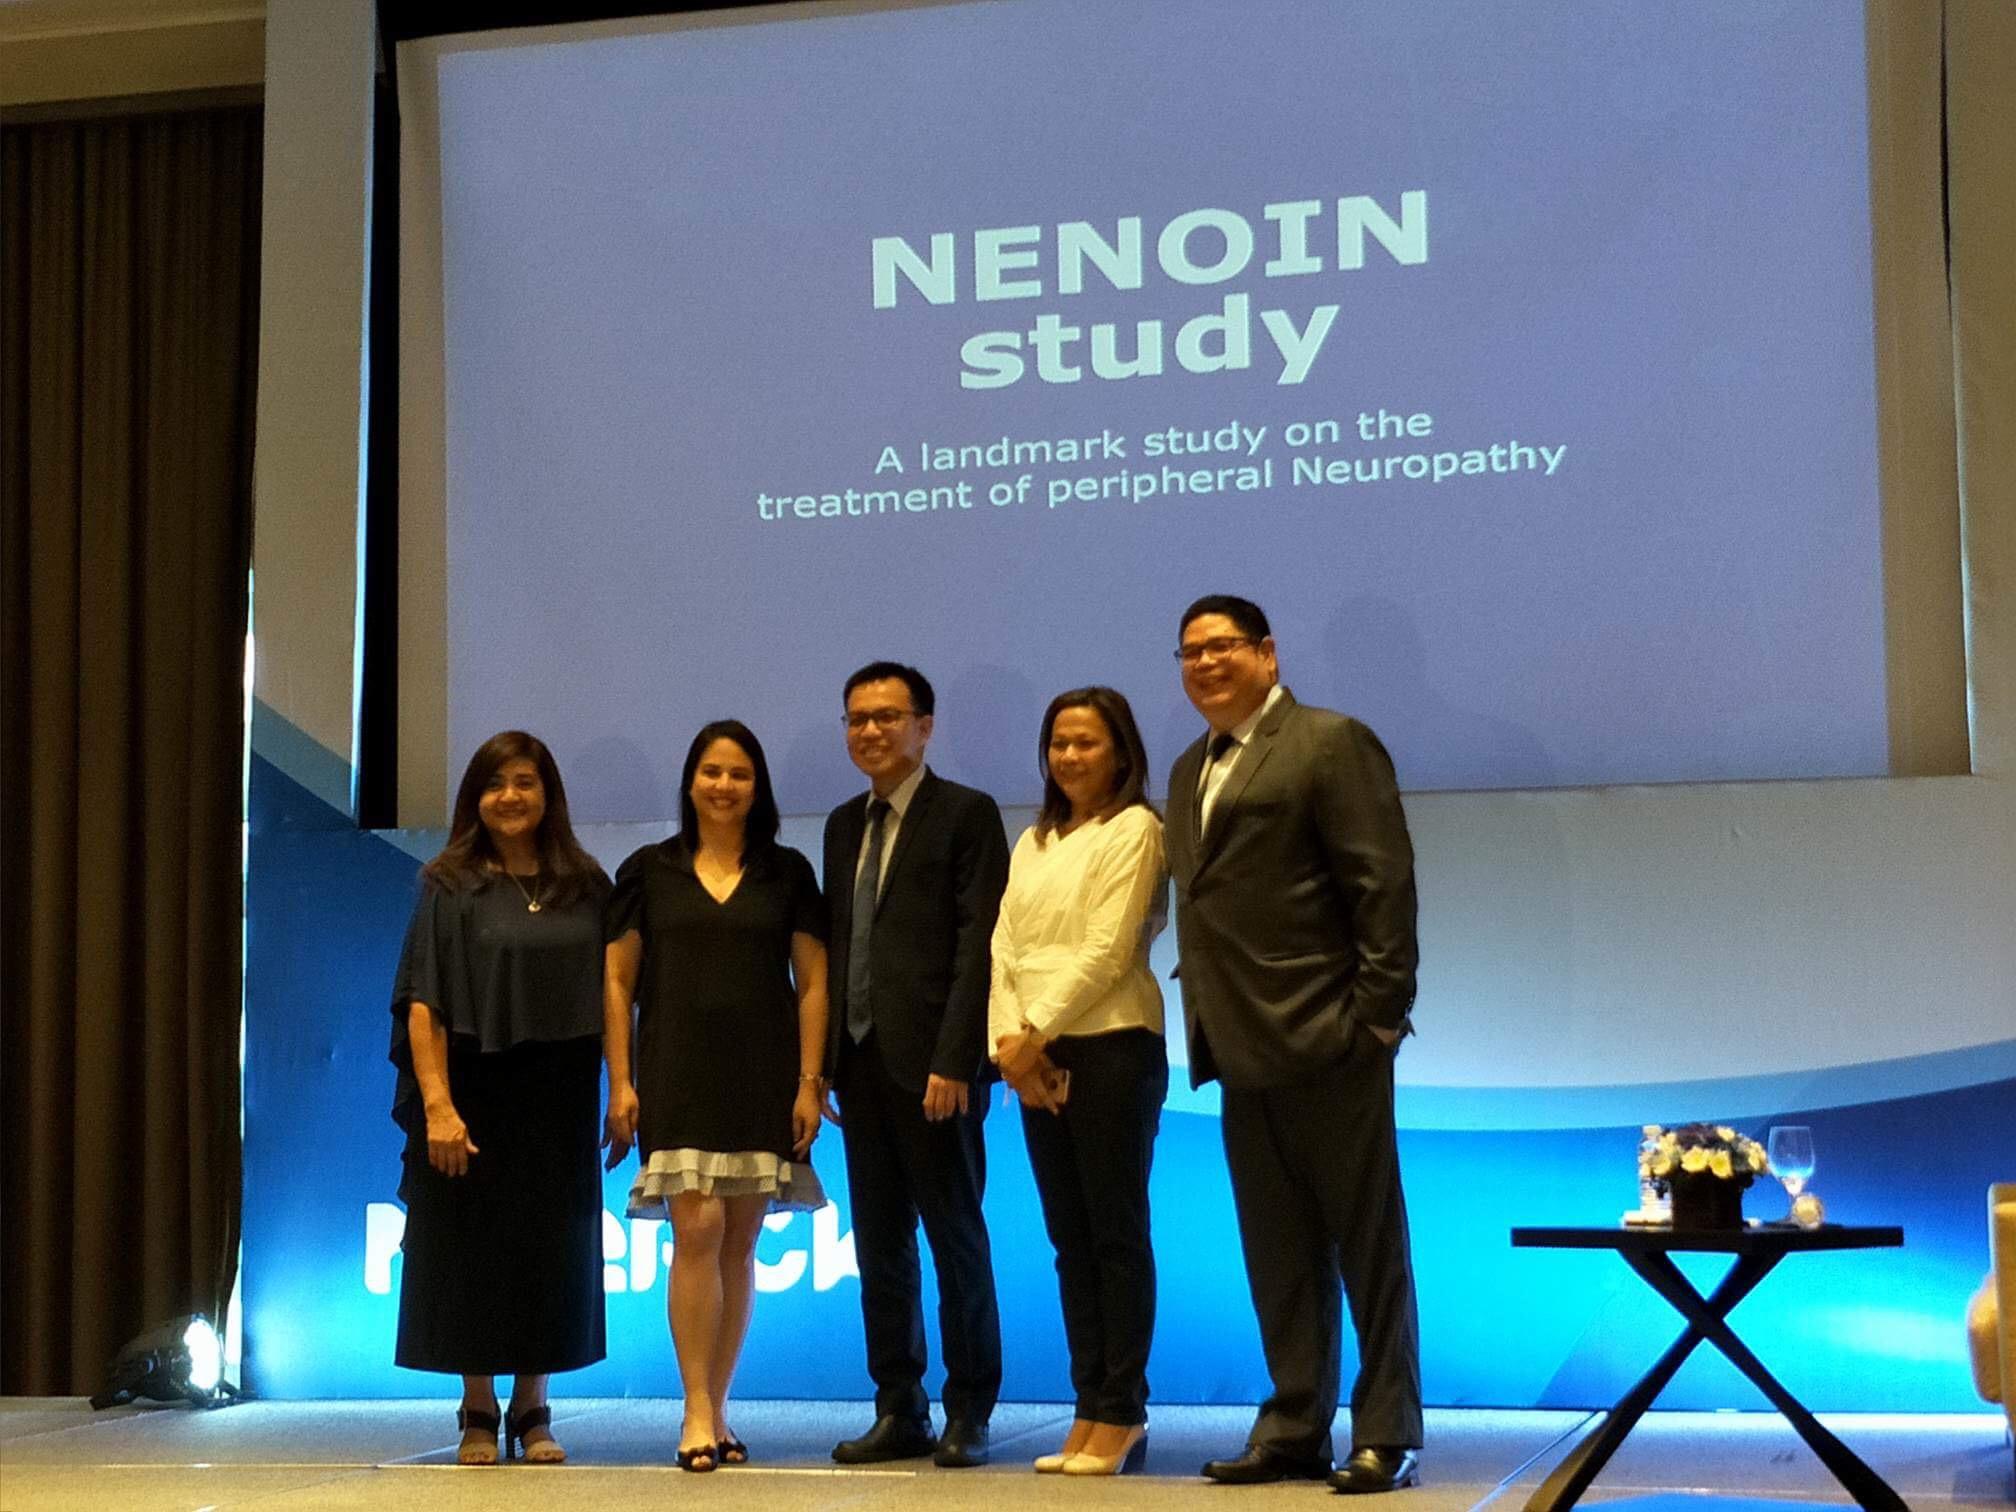 Nenoin Study